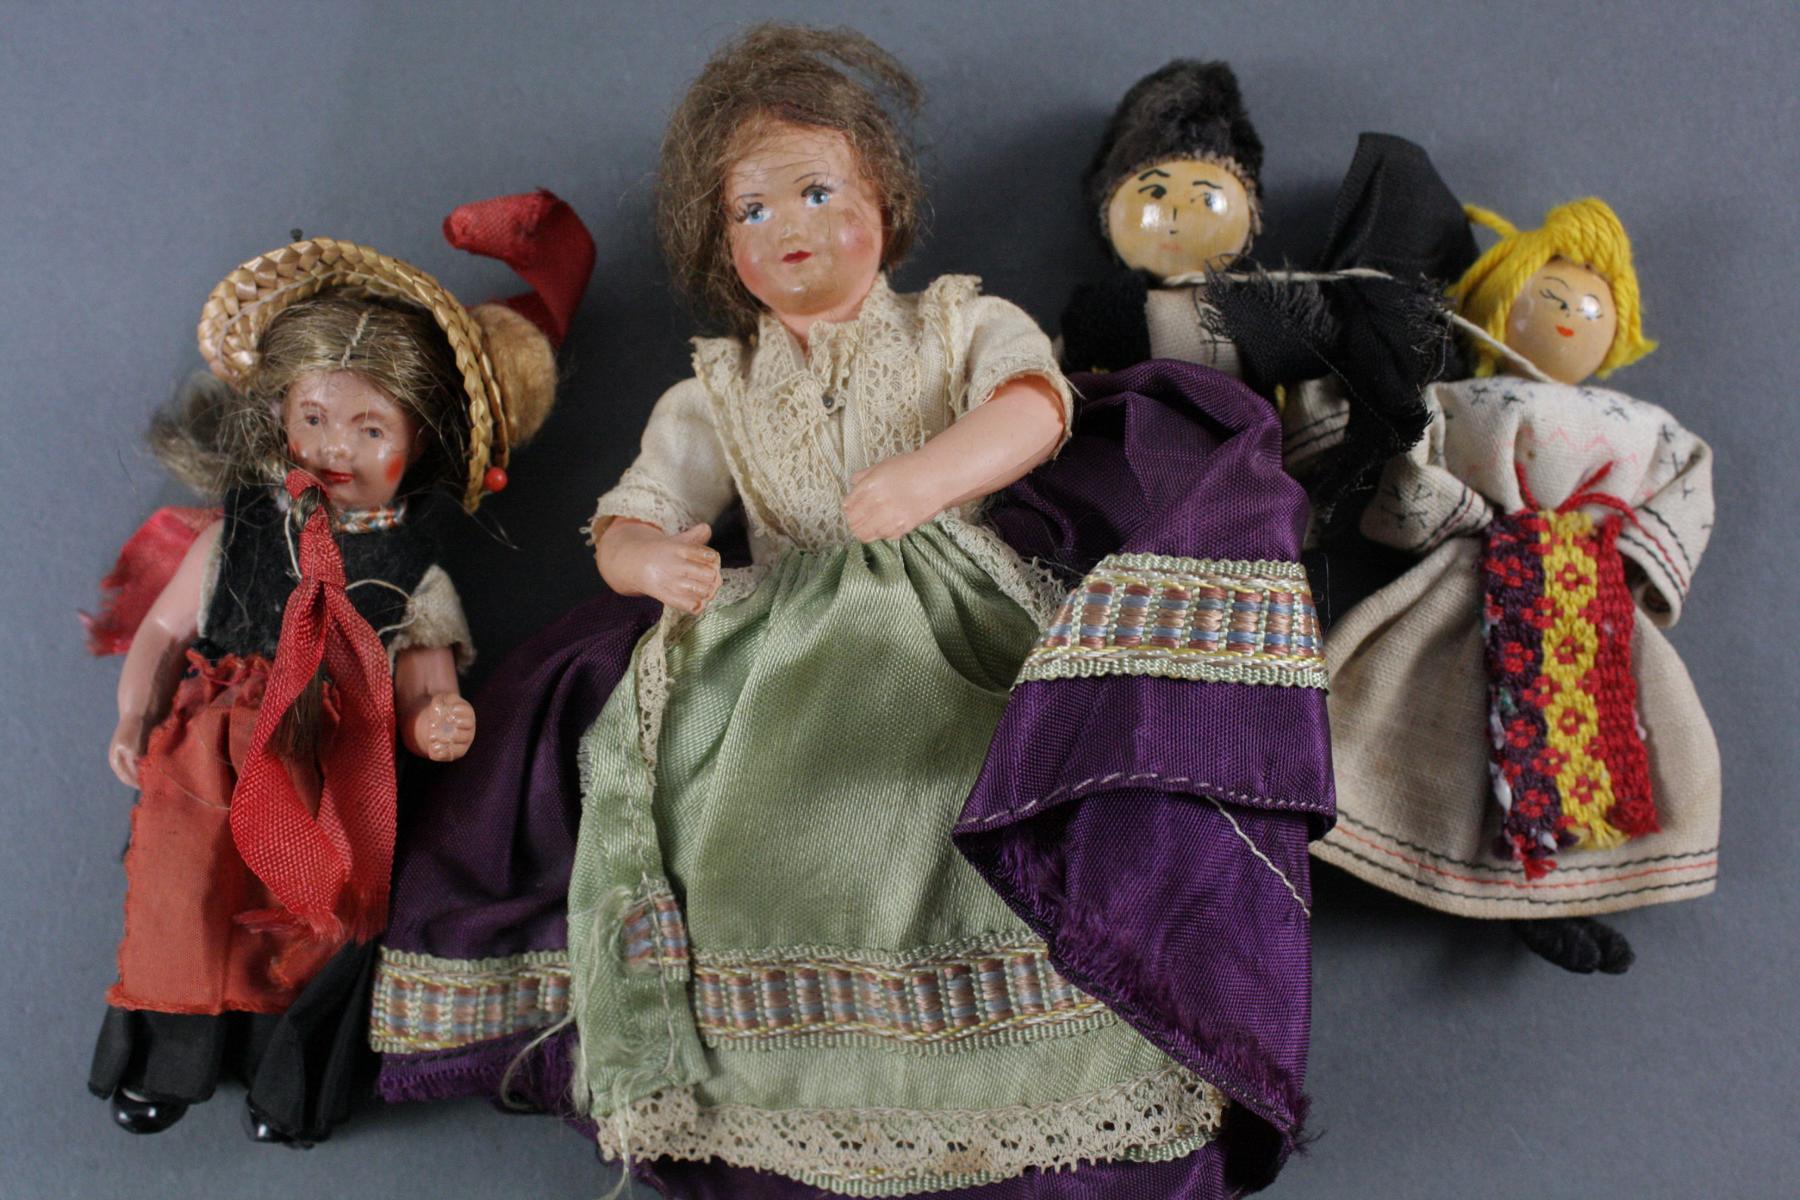 12 sehr alte Puppen, 1. Hälfte 20. Jahrhundert oder älter-12